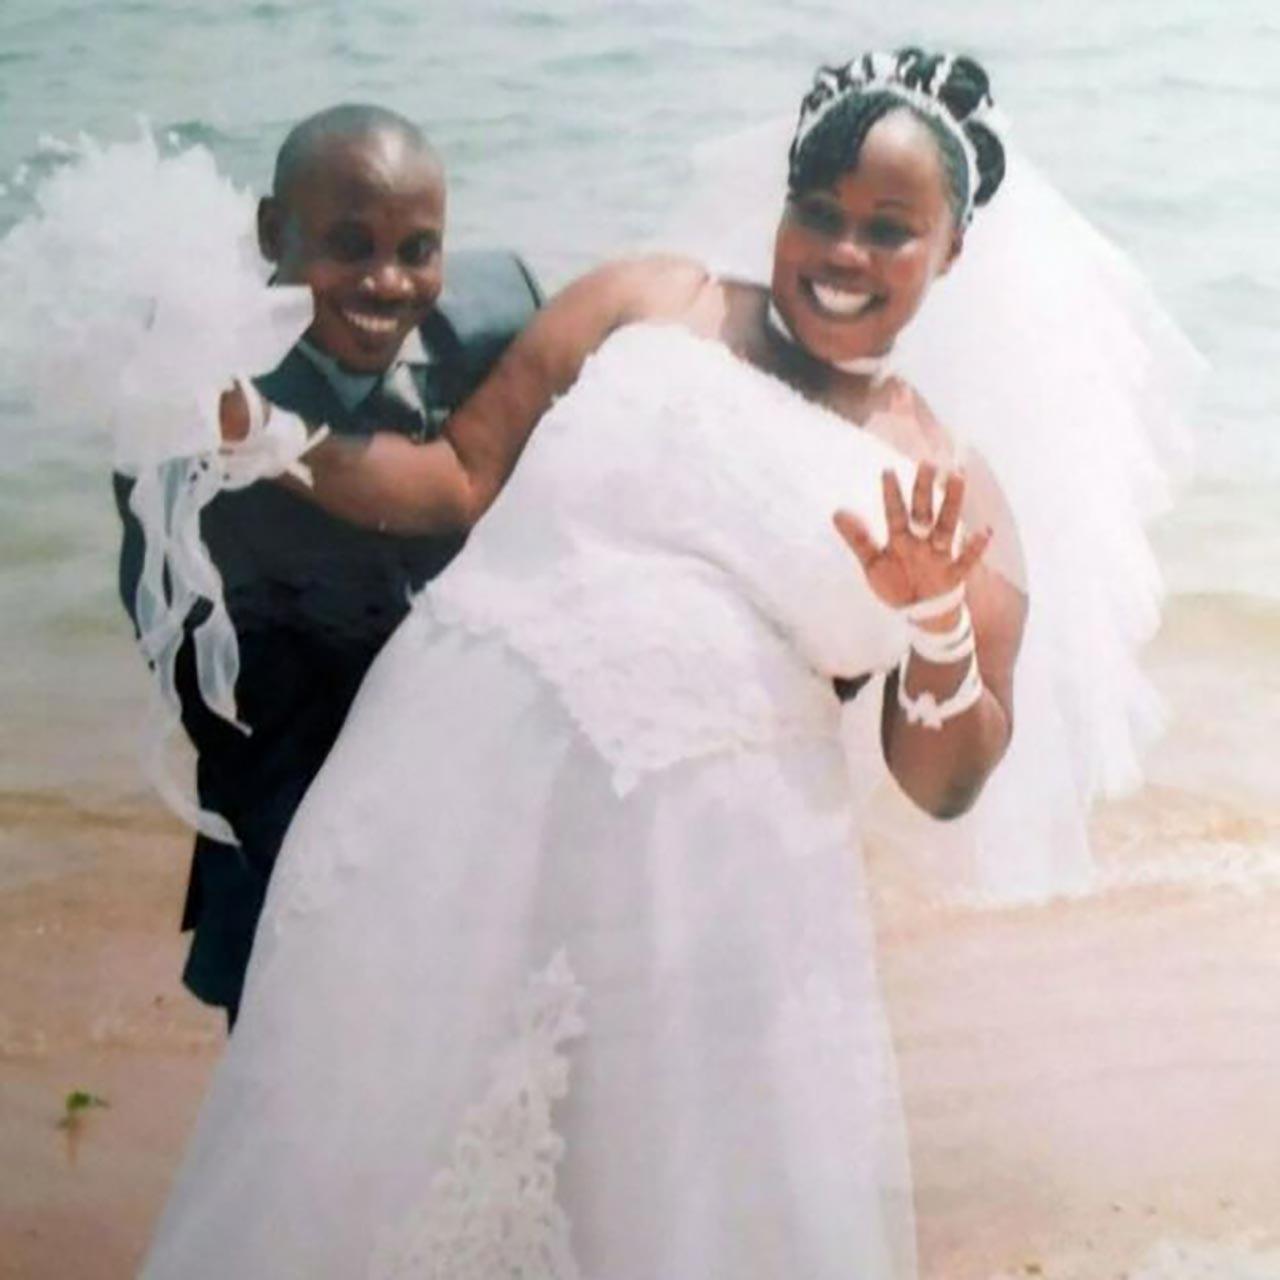 ภาพเมื่อครั้งนายบาเลกาแต่งงานกับนางโนเอลา (ภาพ: BBC News)